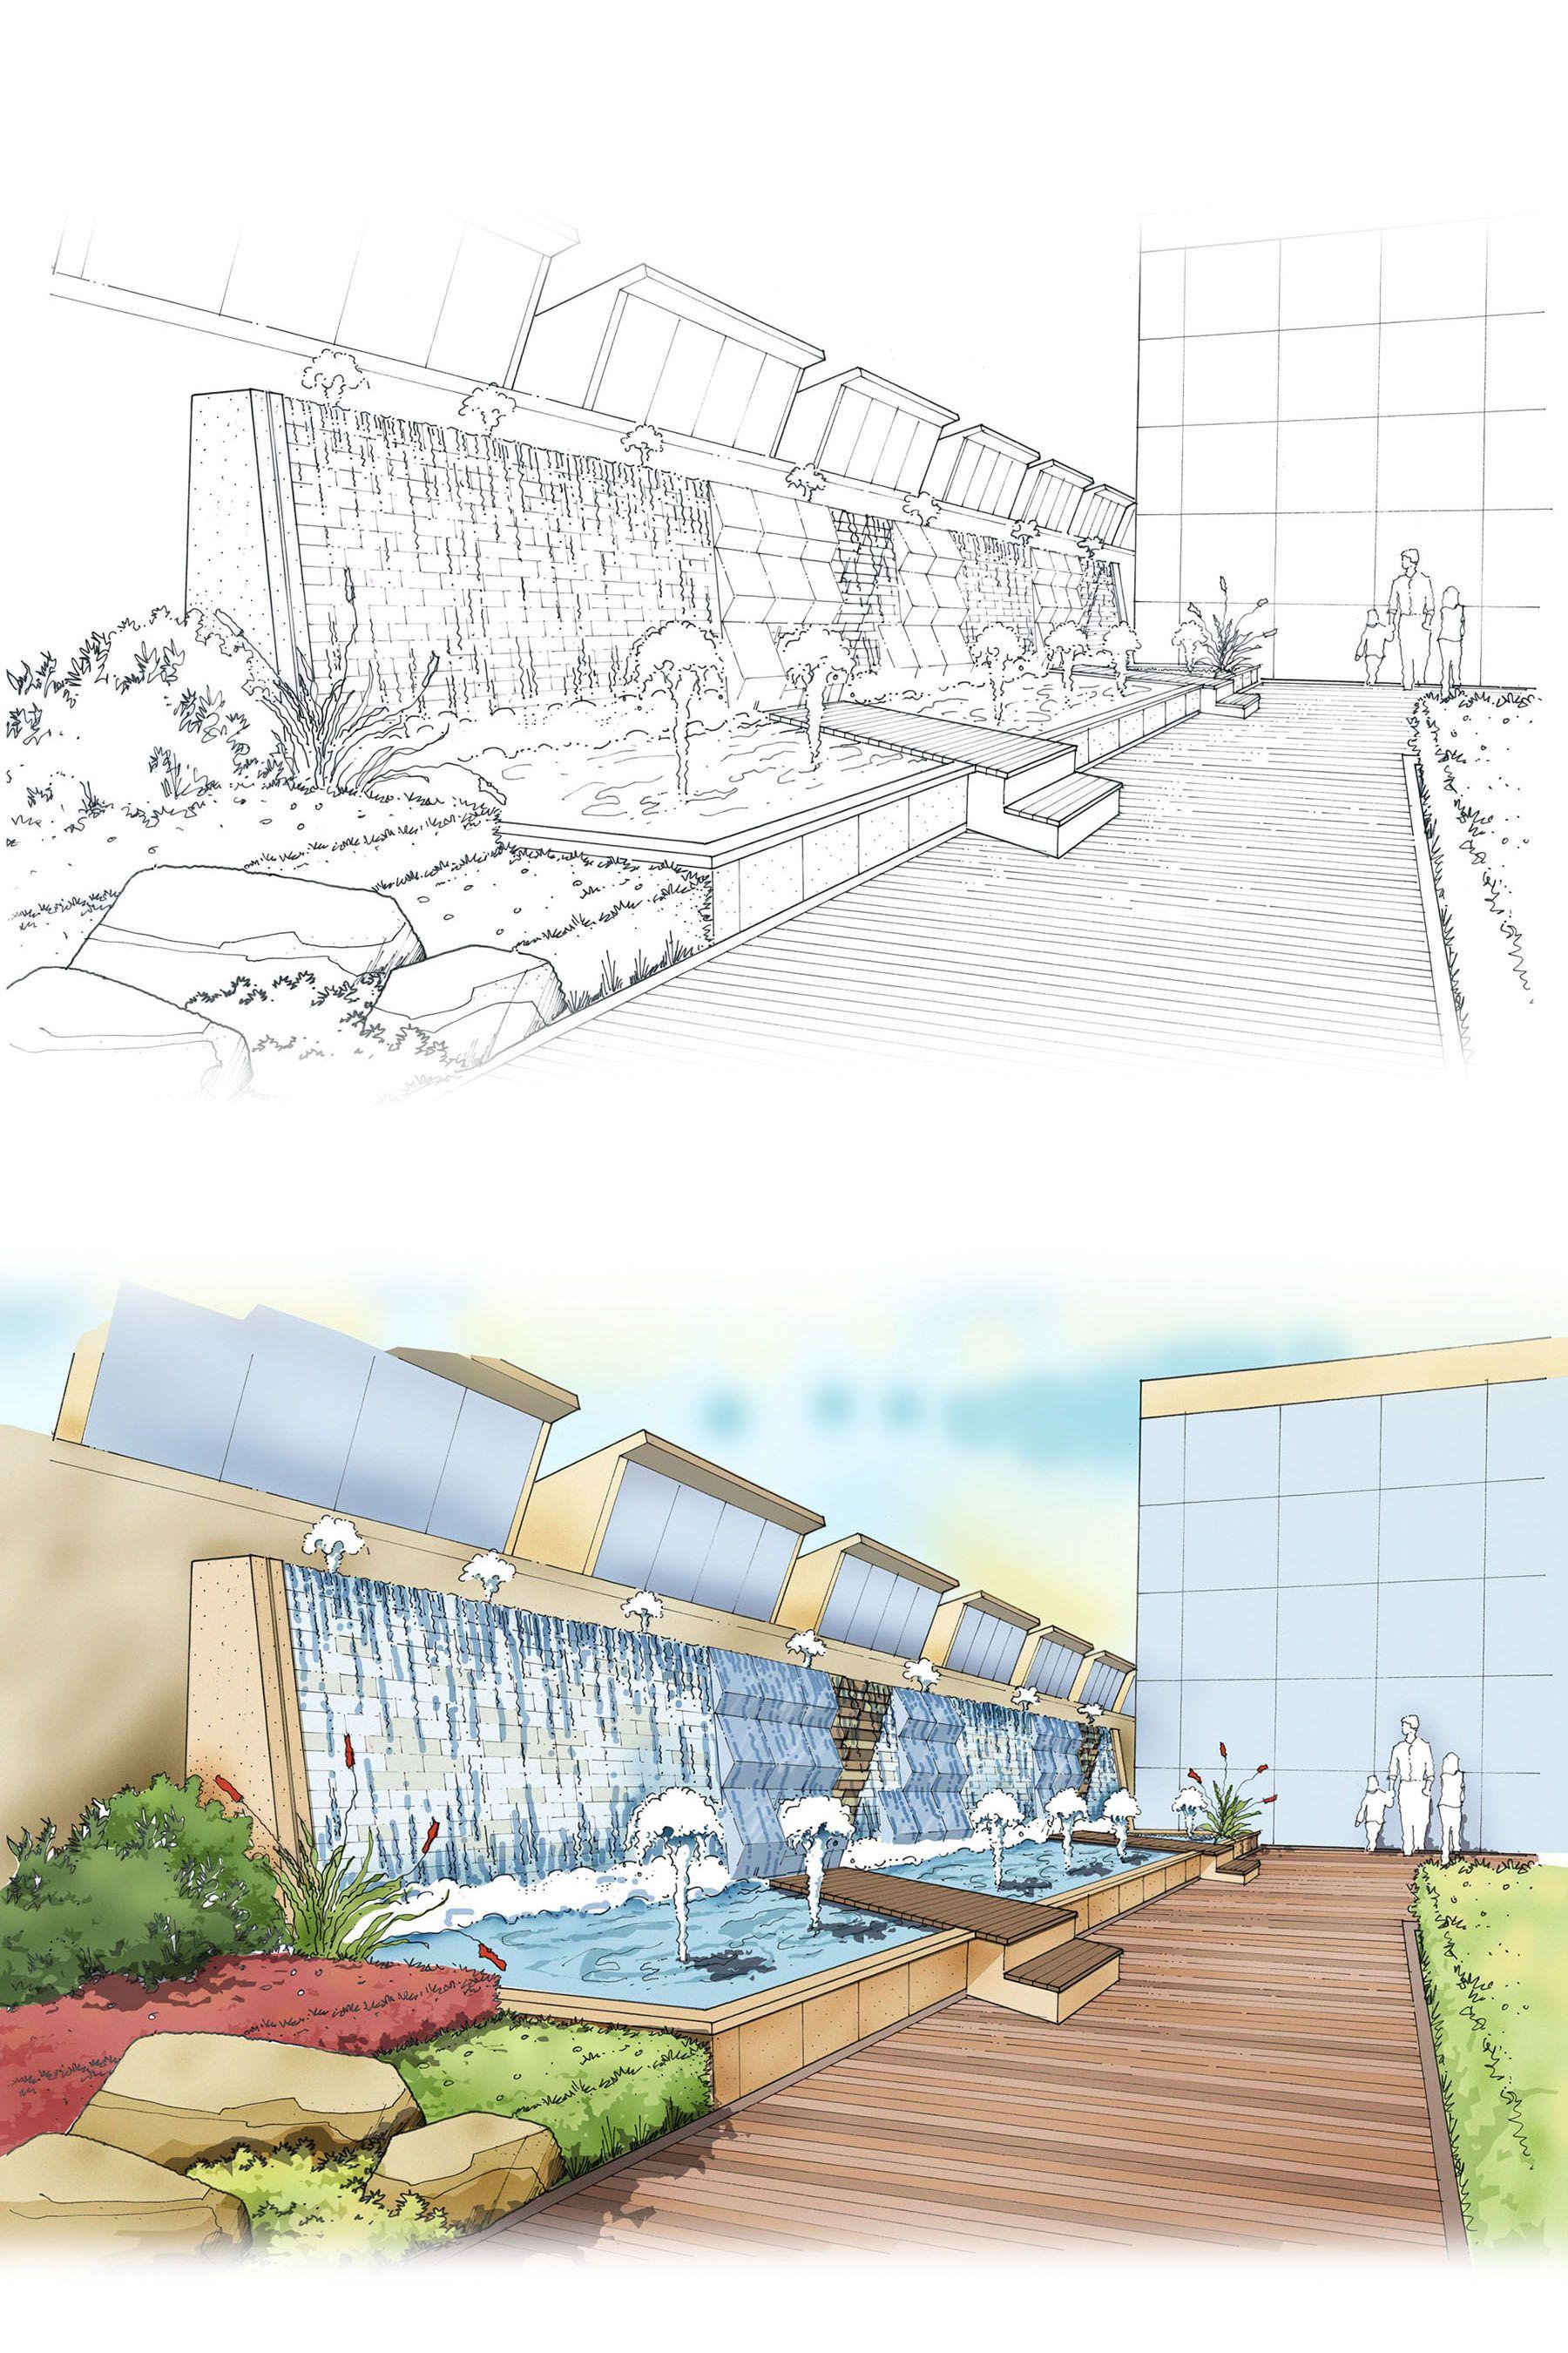 Perspective View Of Rooftop Garden Landscape Design Pen And Digital Media Rooftop Garden Landscape Design Landscape Concept